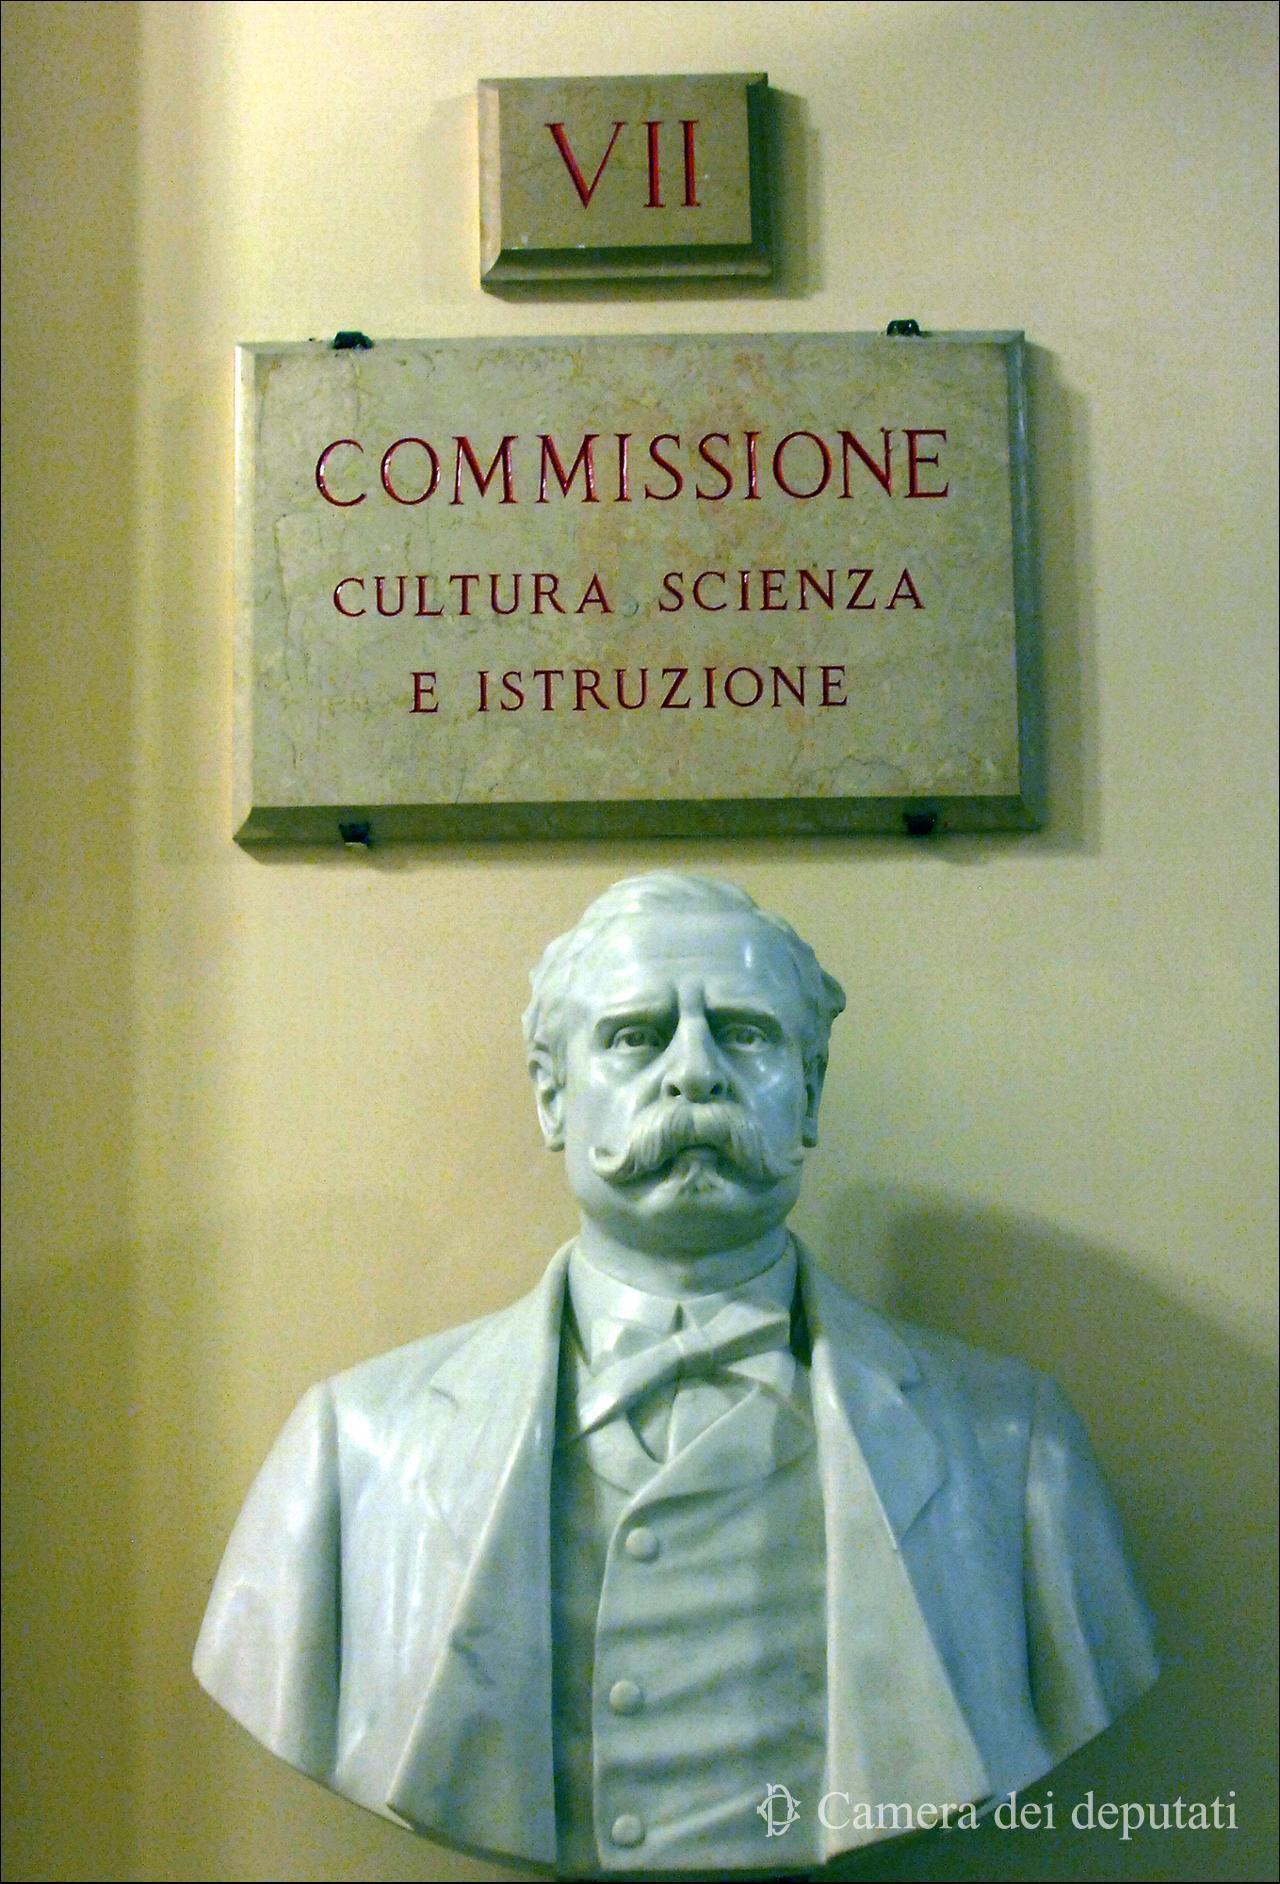 Riprende marted 17 l iter del decreto scuola gilda venezia for Commissione giustizia senato calendario